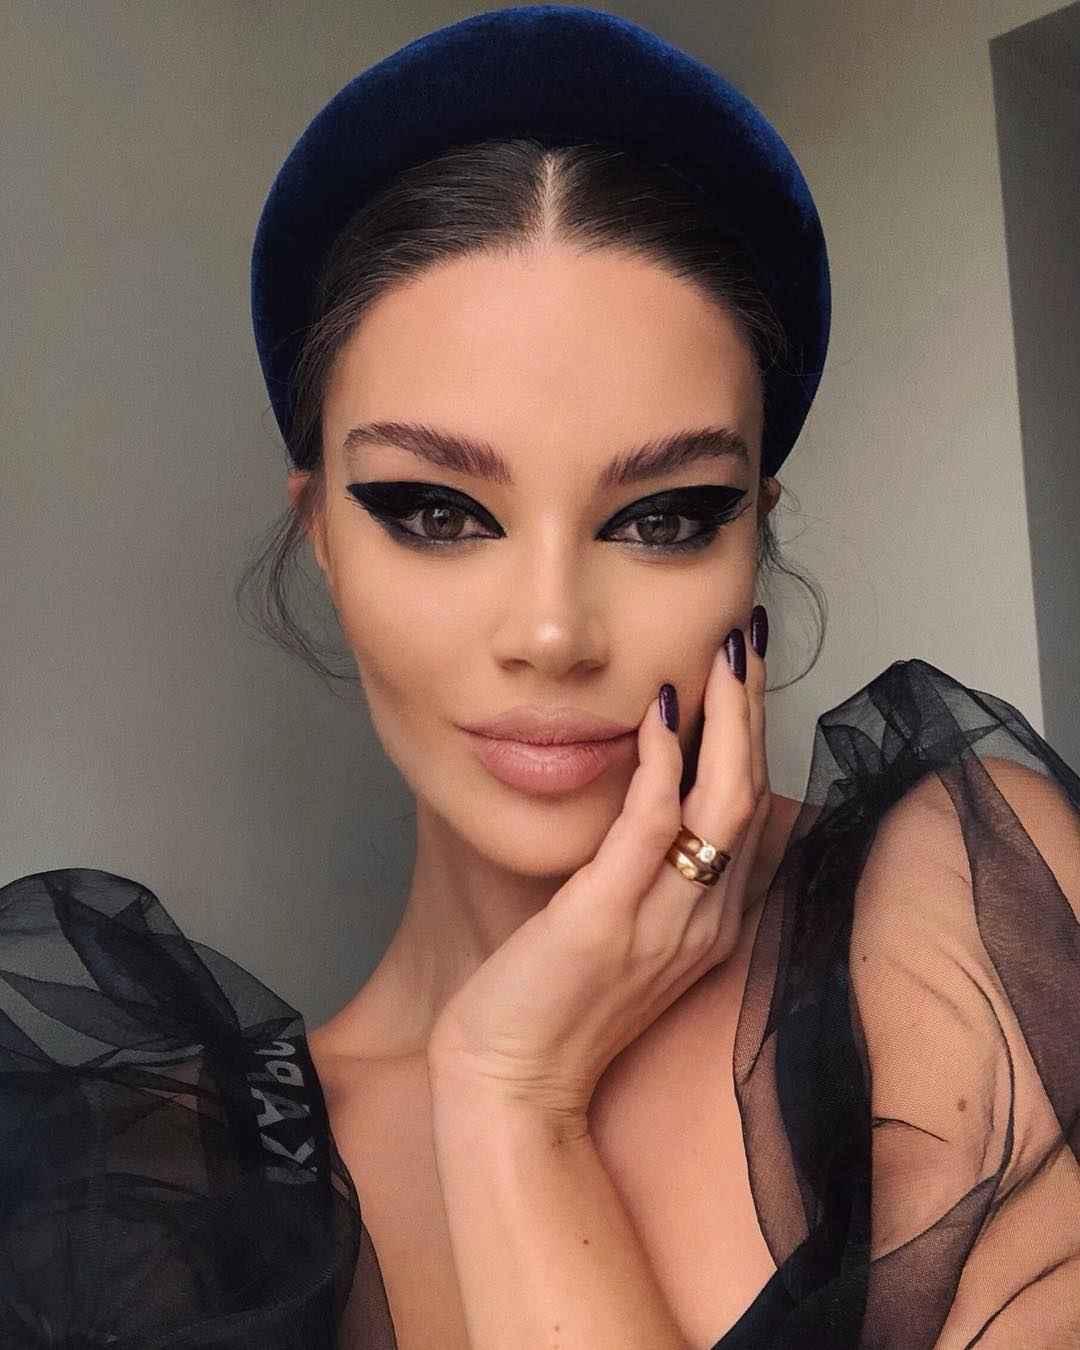 Вечерний макияж для темных волос и зеленых глаз_10